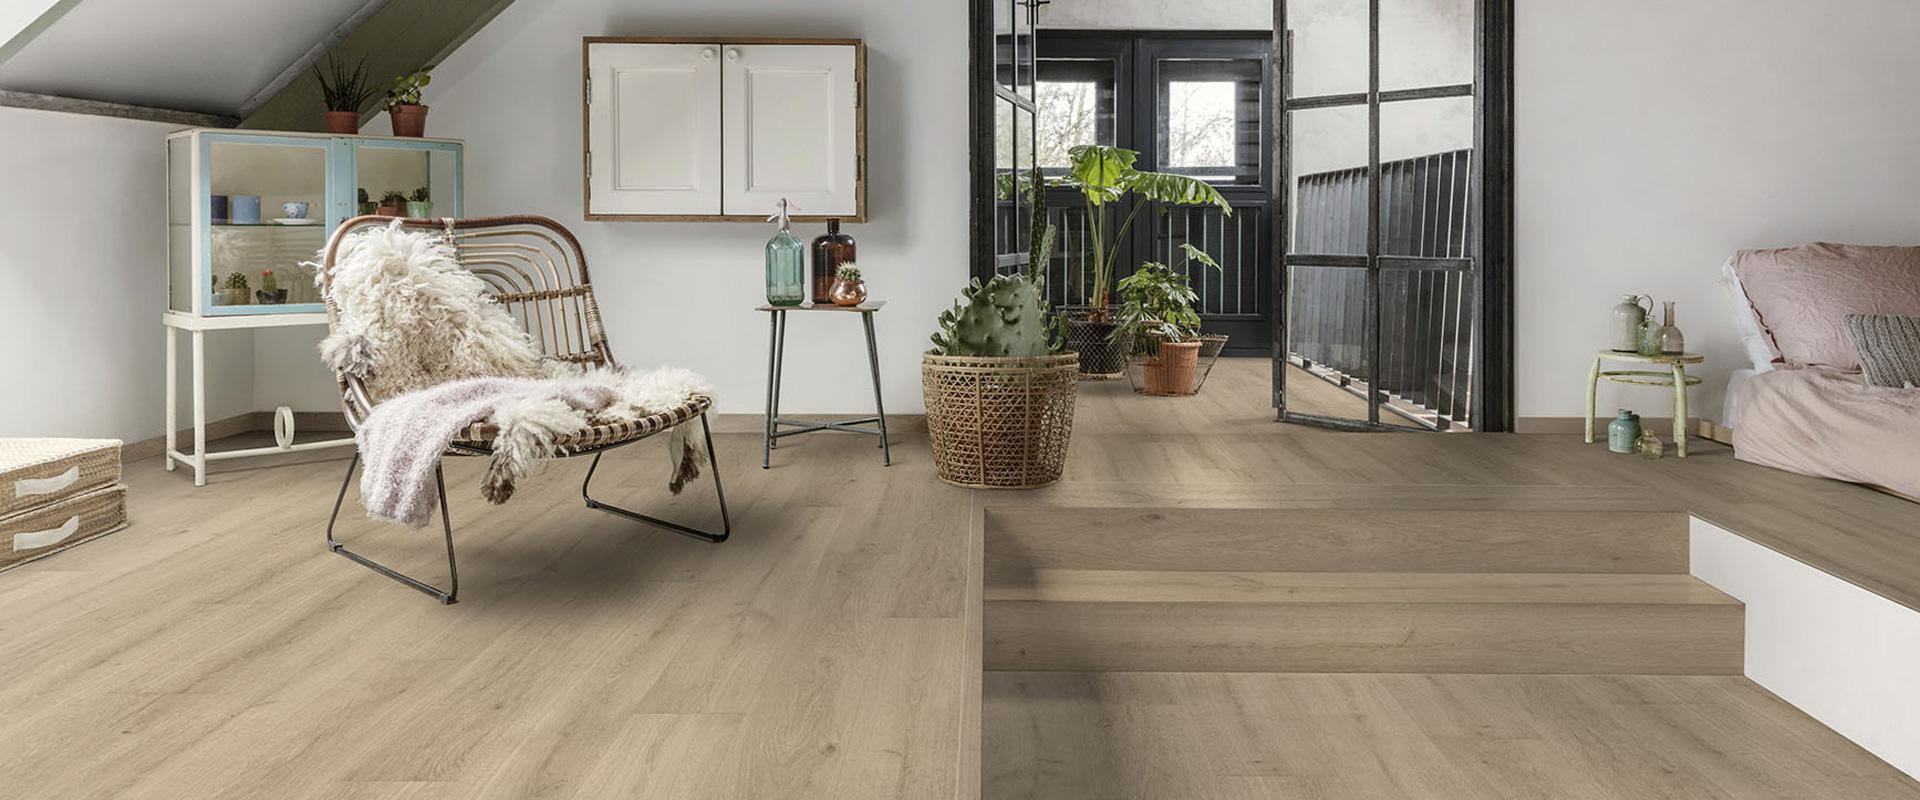 Floorify nu met extra lange planken